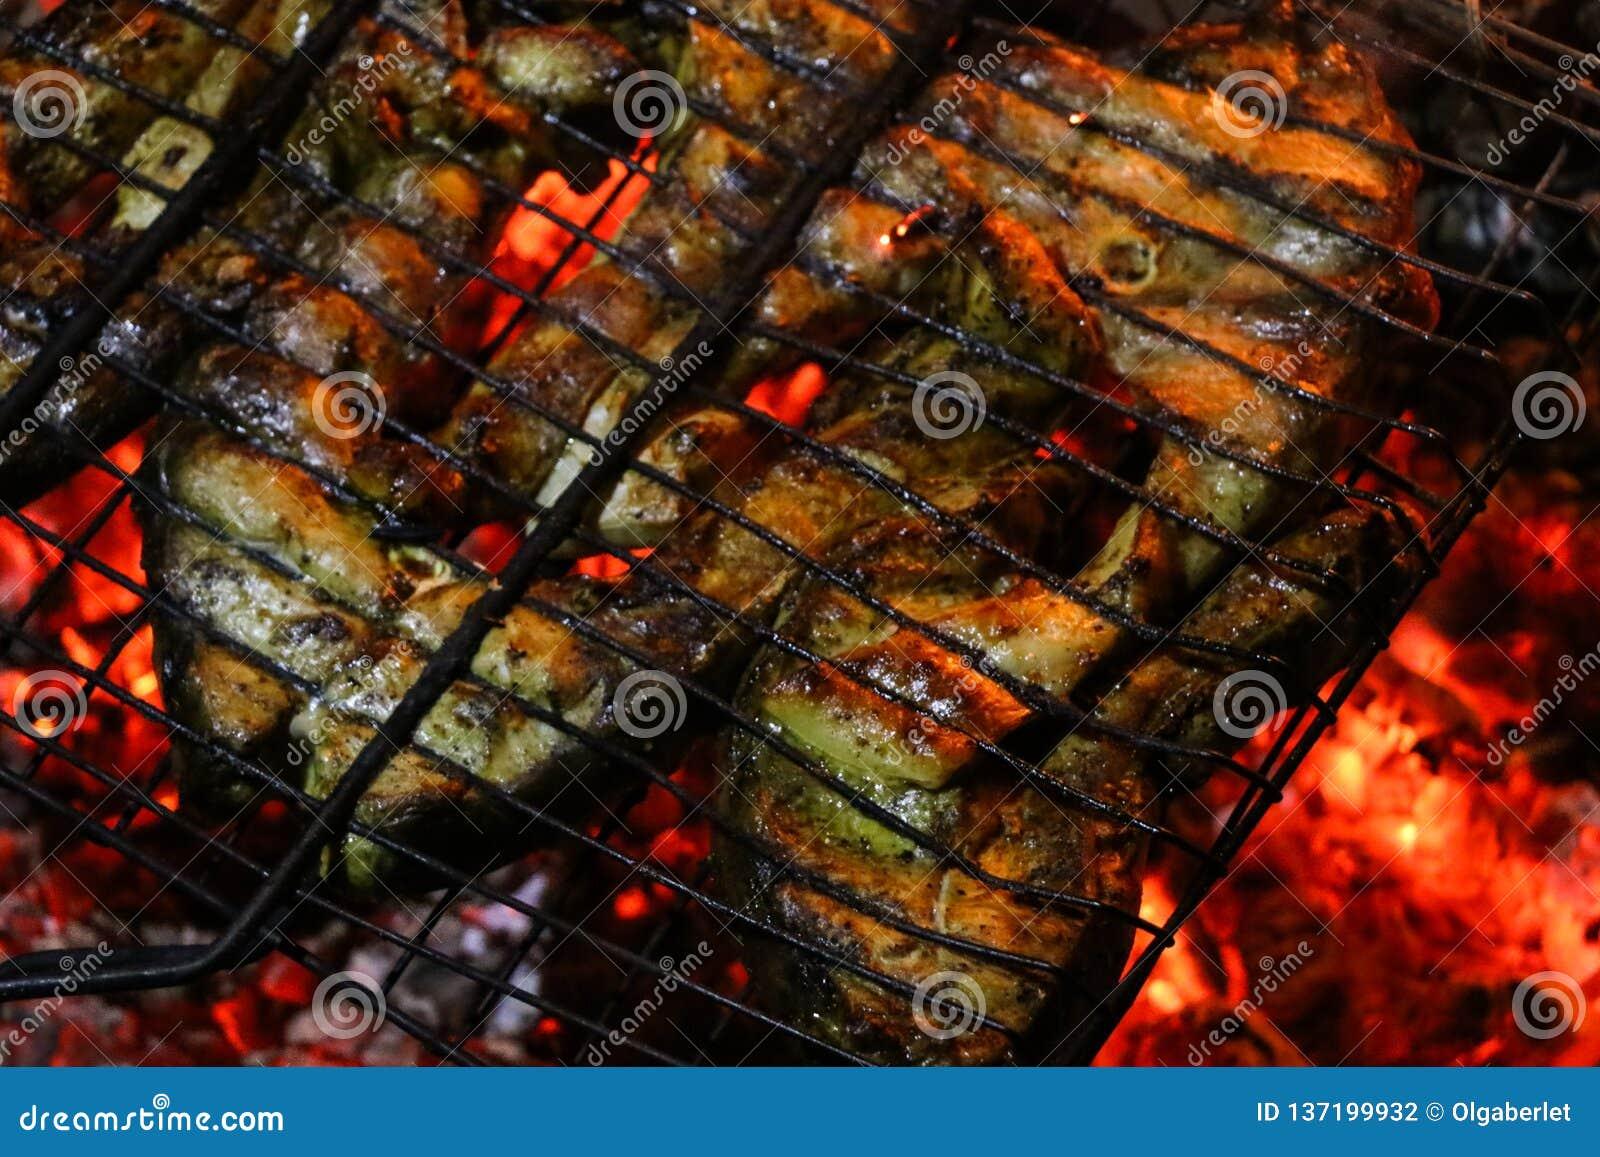 Bifes salmon grelhados em uma grade Grade da chama do fogo Cozinha do restaurante e do jardim